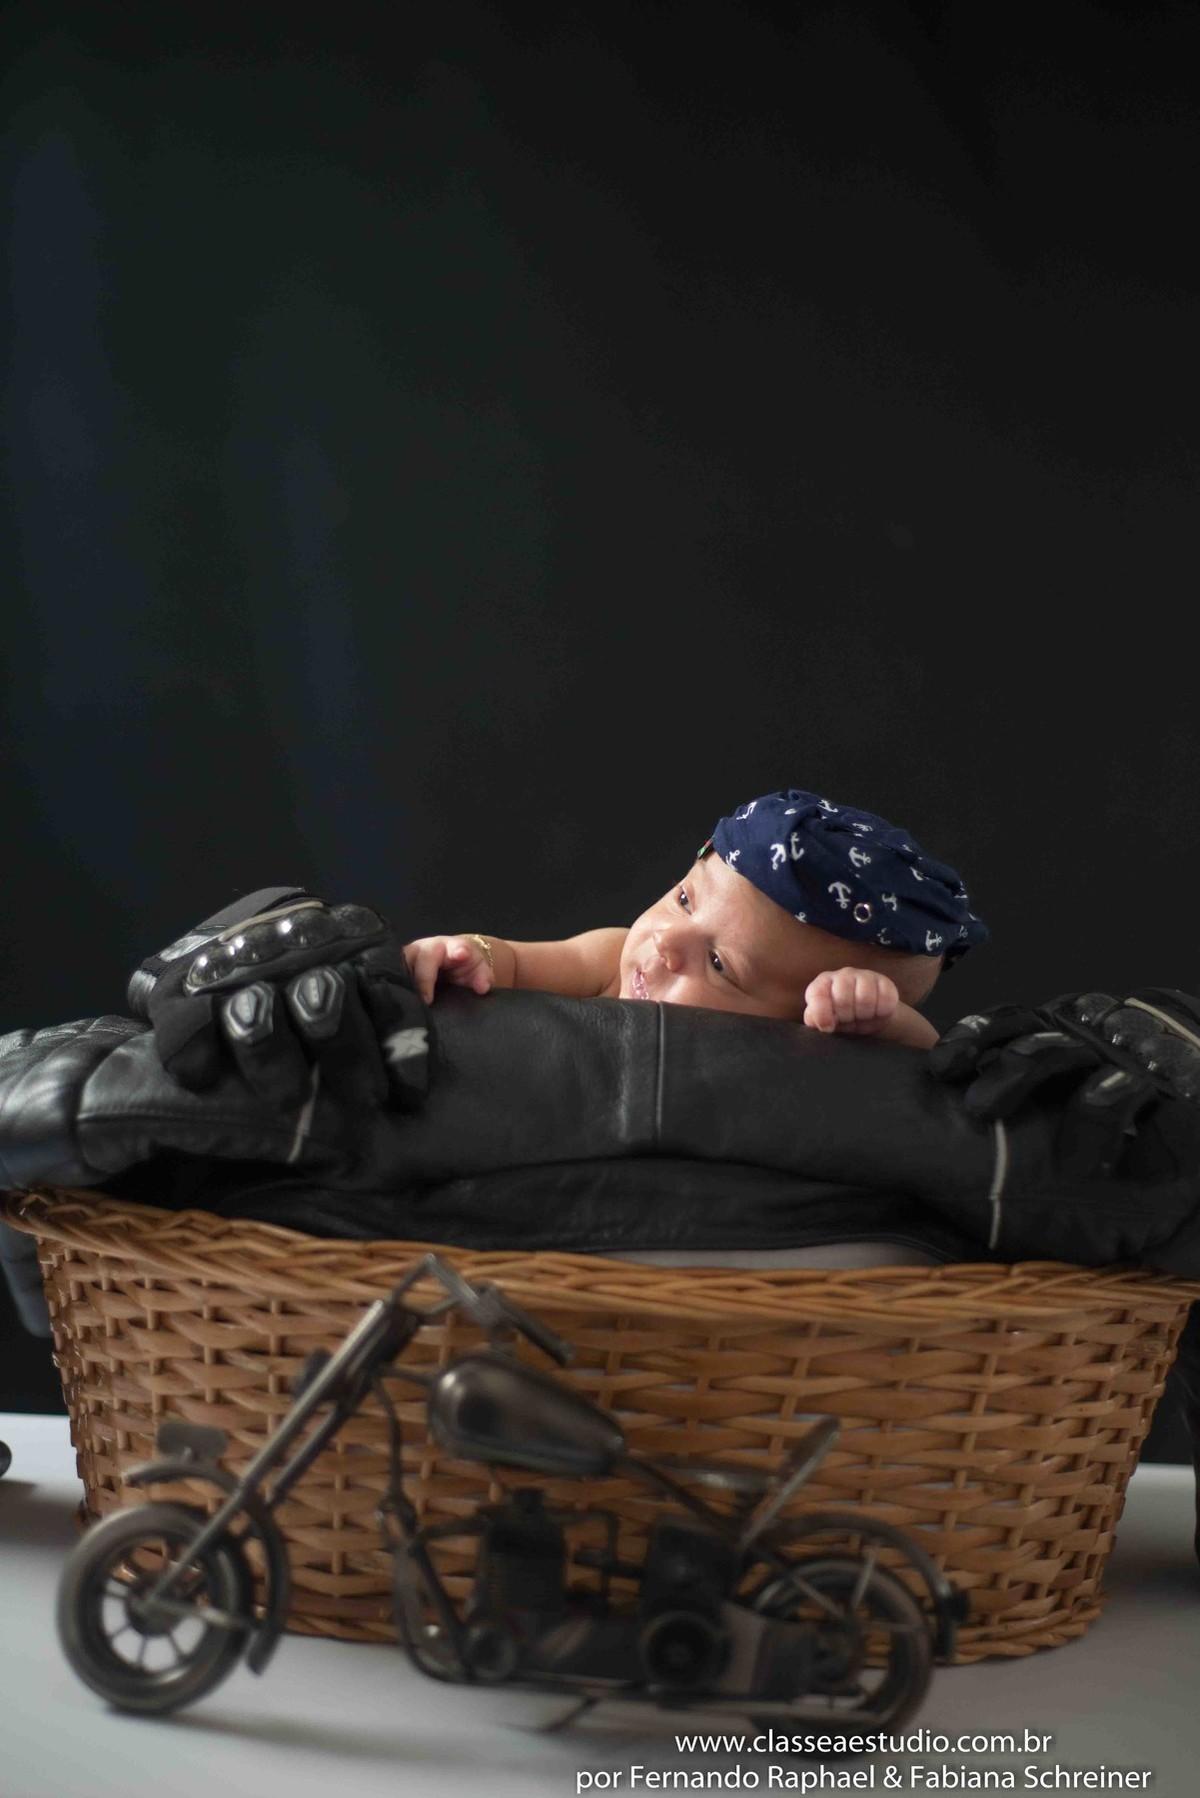 Estudio fotografico para recém nascidos